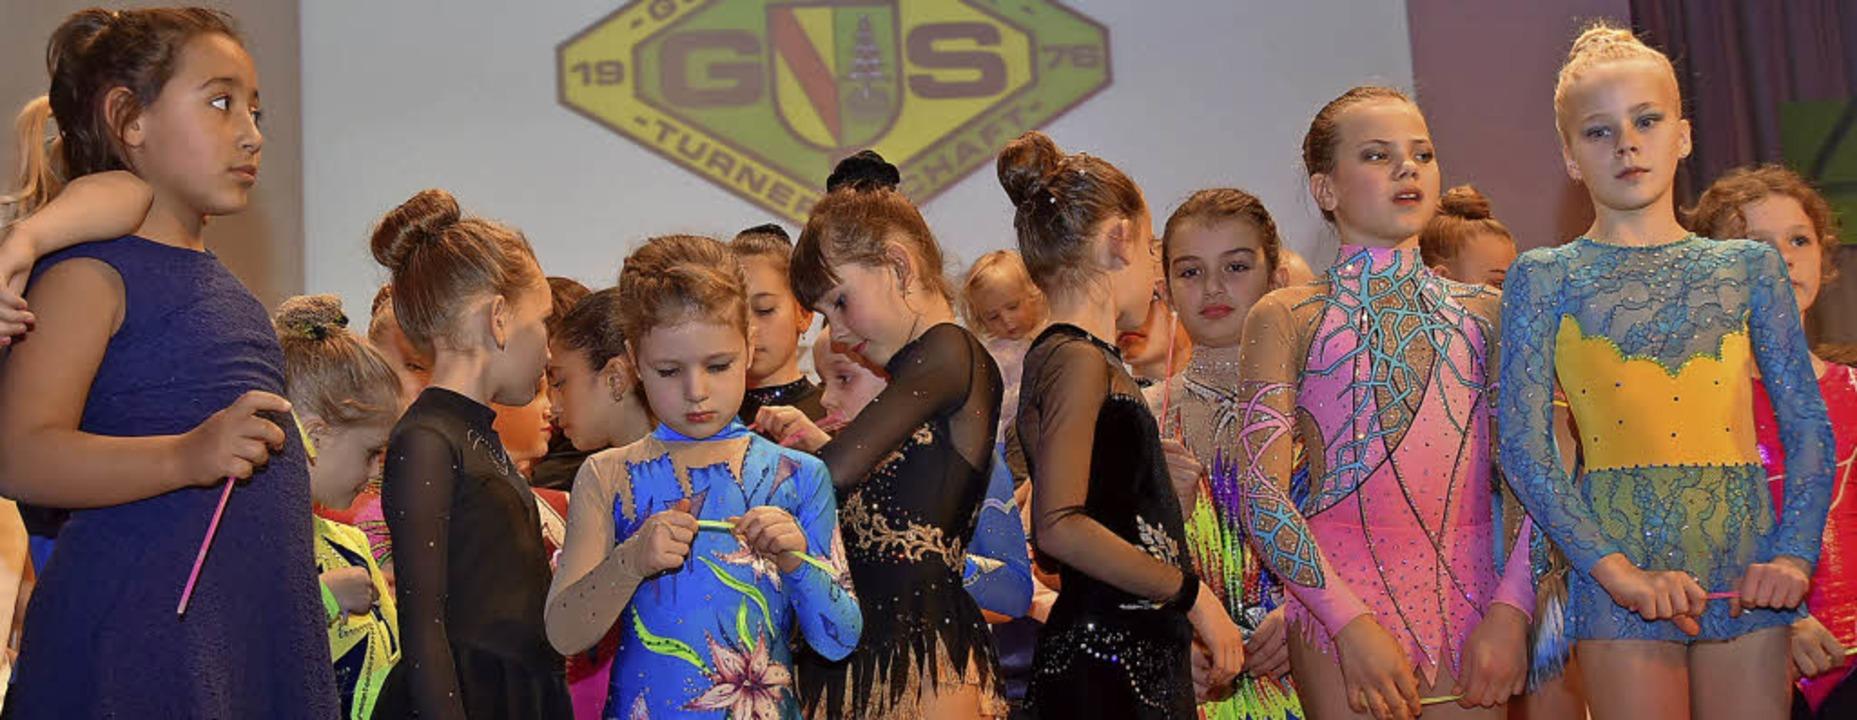 Mehr als 500 Jungen und Mädchen sind in der Turnerschaft aktiv.   | Foto: Andrea Steinhart